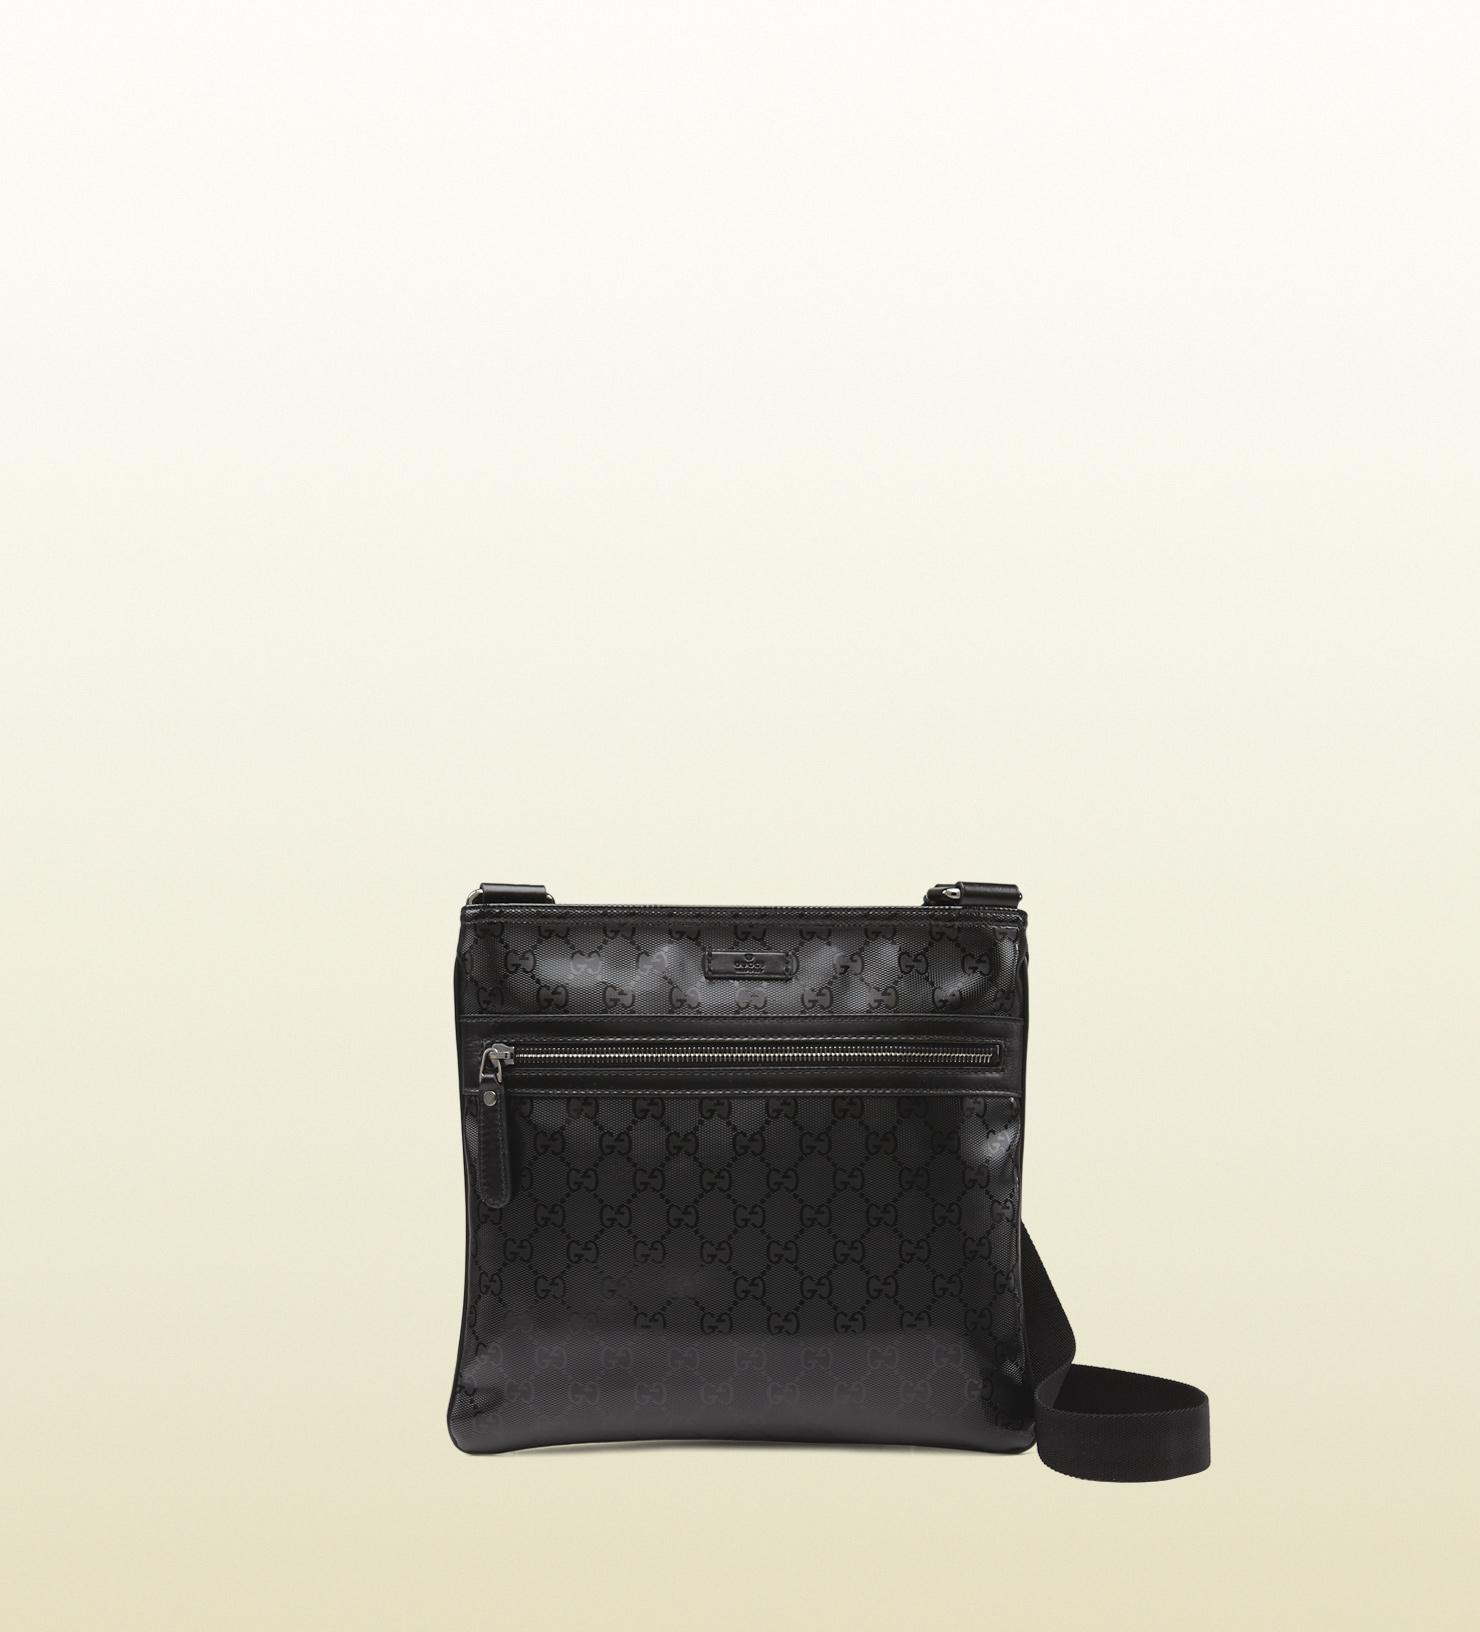 262a03992af6 Gucci Gg Imprime Flat Messenger Bag in Black for Men